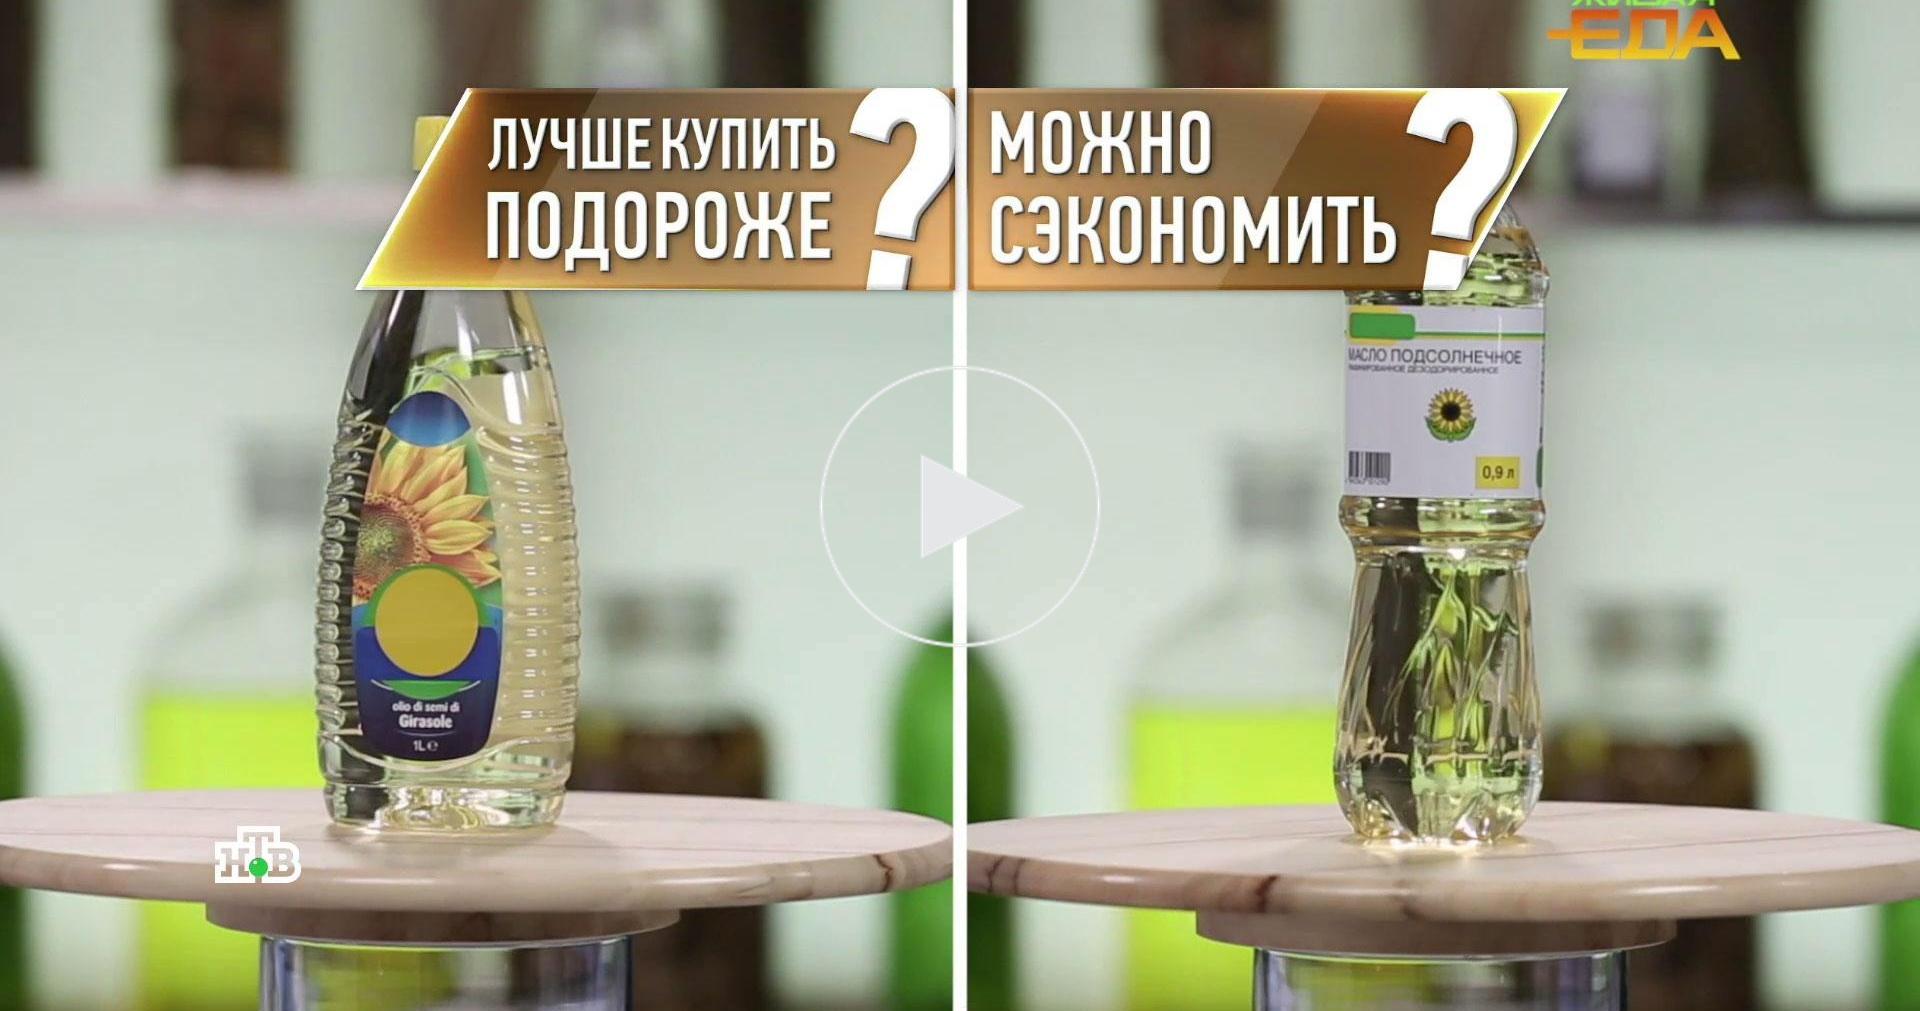 Подсолнечное масло: какие сорта лучше для здоровья икошелька